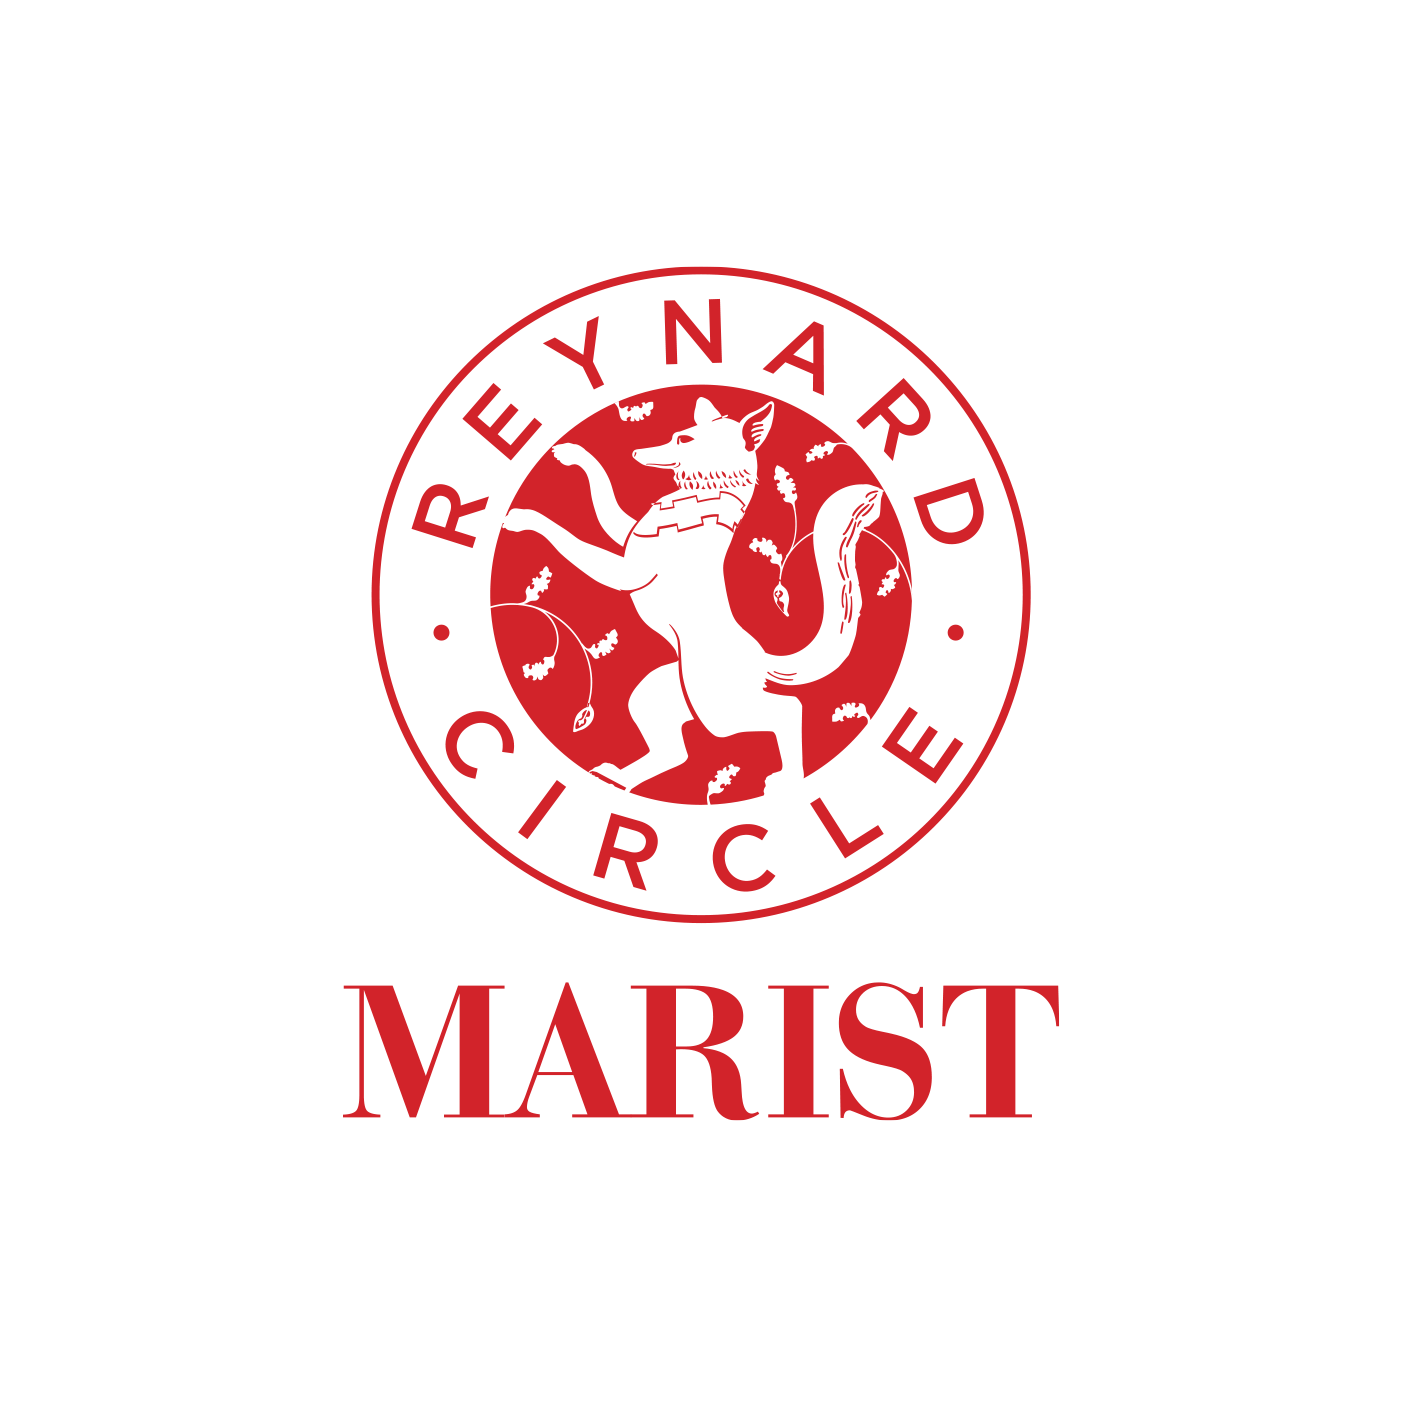 Reynard-Circle-Marist-01.png